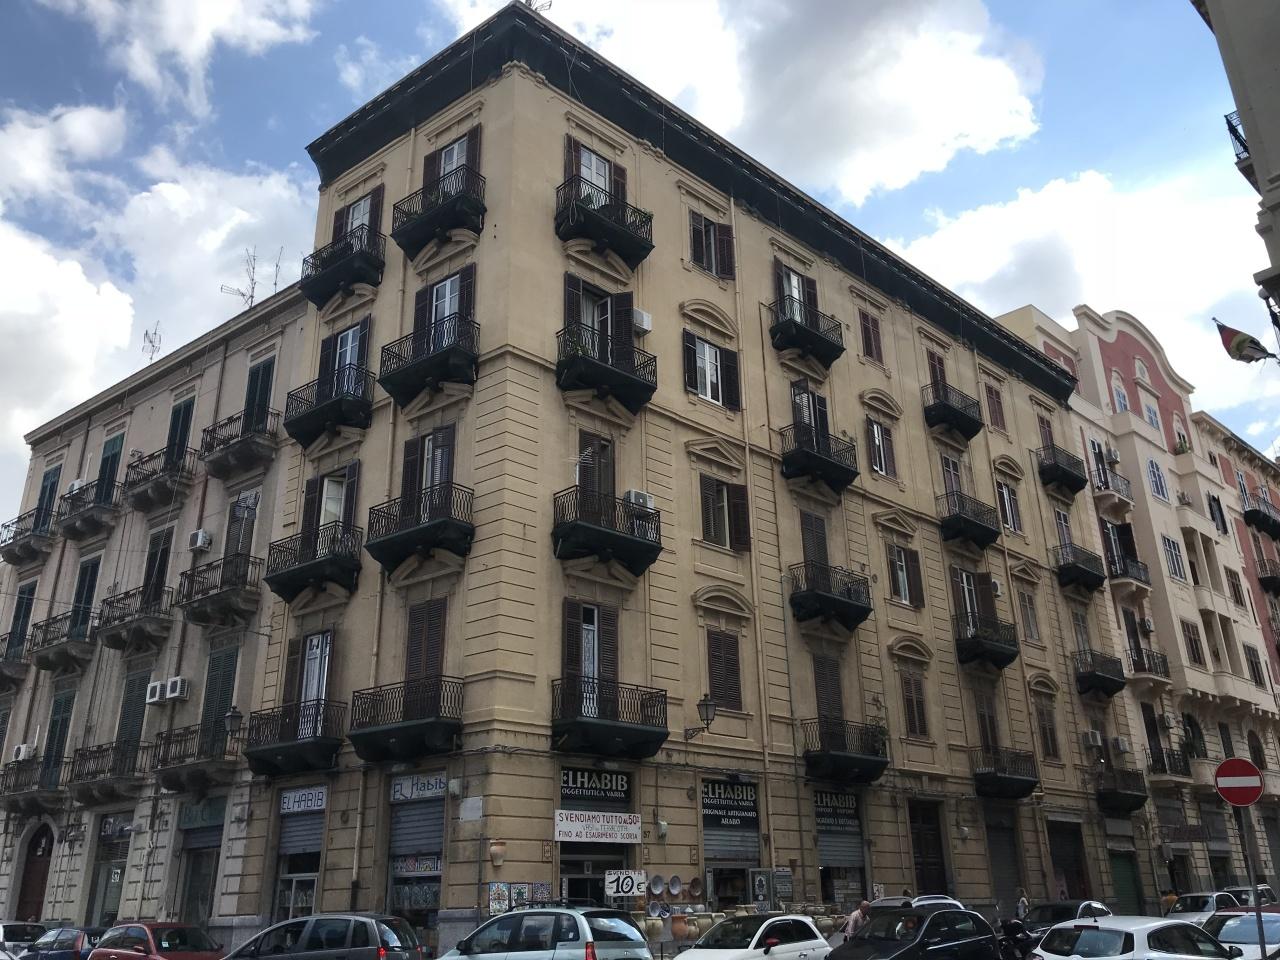 palermo vendita quart: roma/garibaldi errebicasa-immobiliare-rossella-borzellieri-di-rosalia-borzellieri